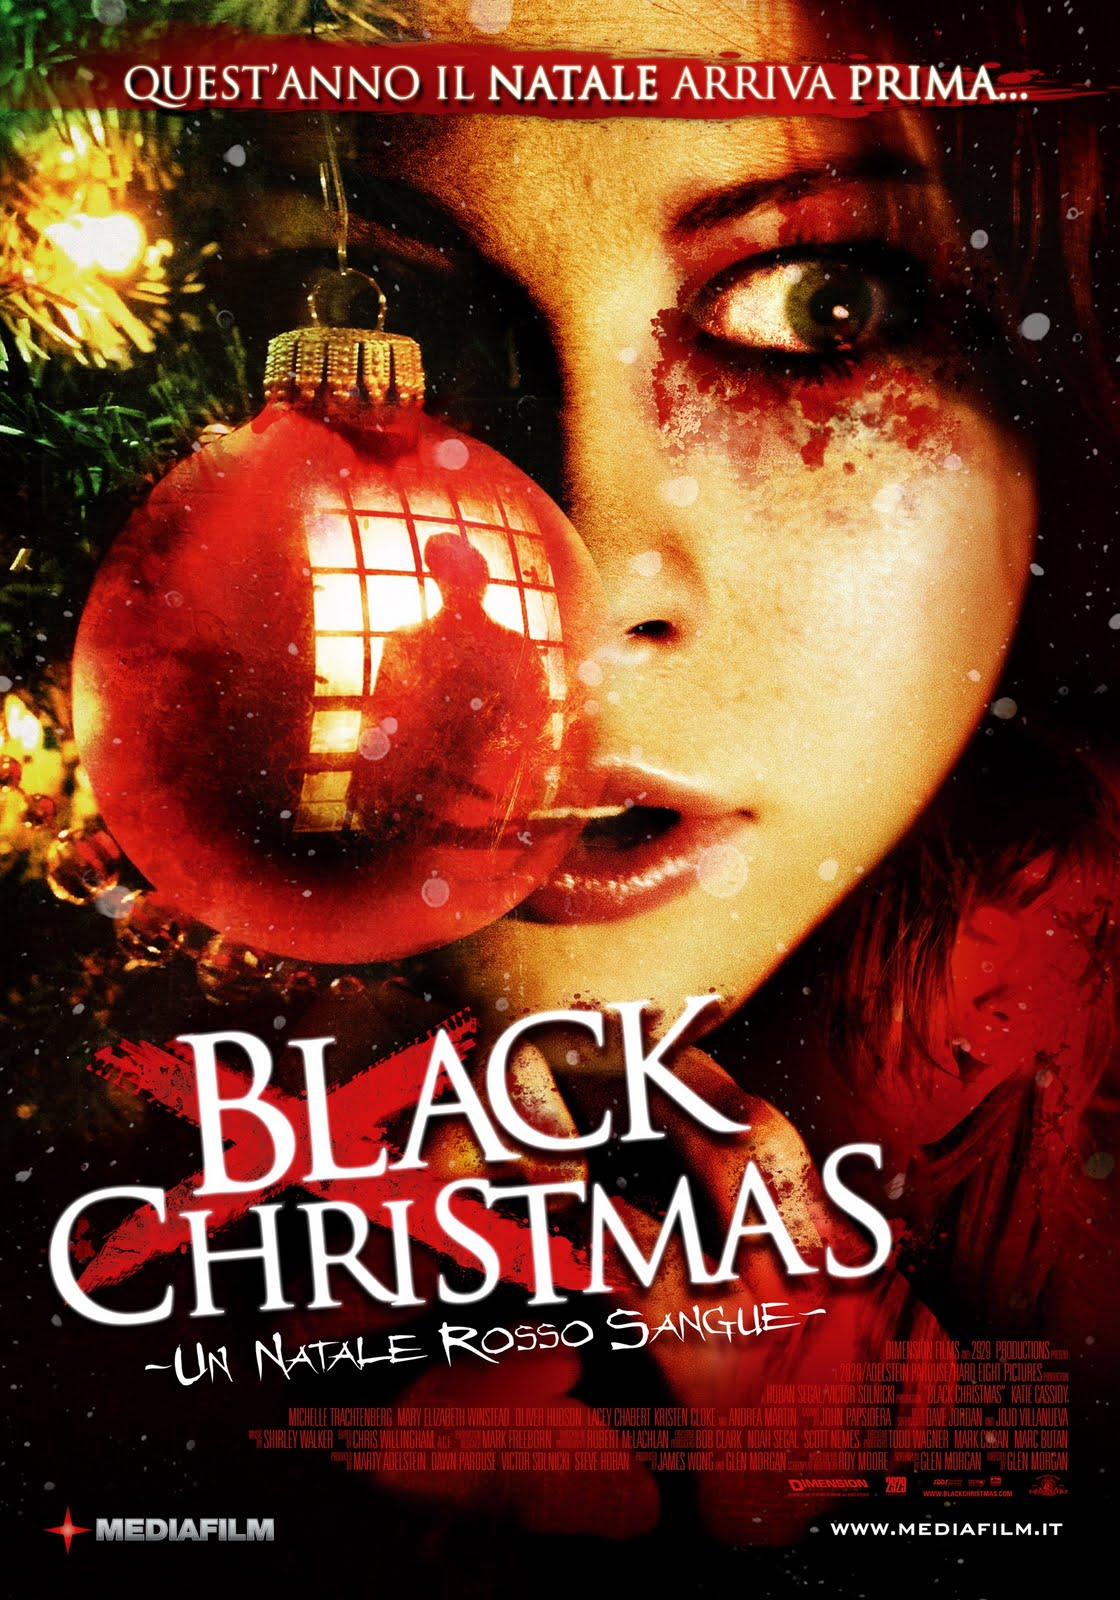 Black-Christmas_02eb22ad.jpg